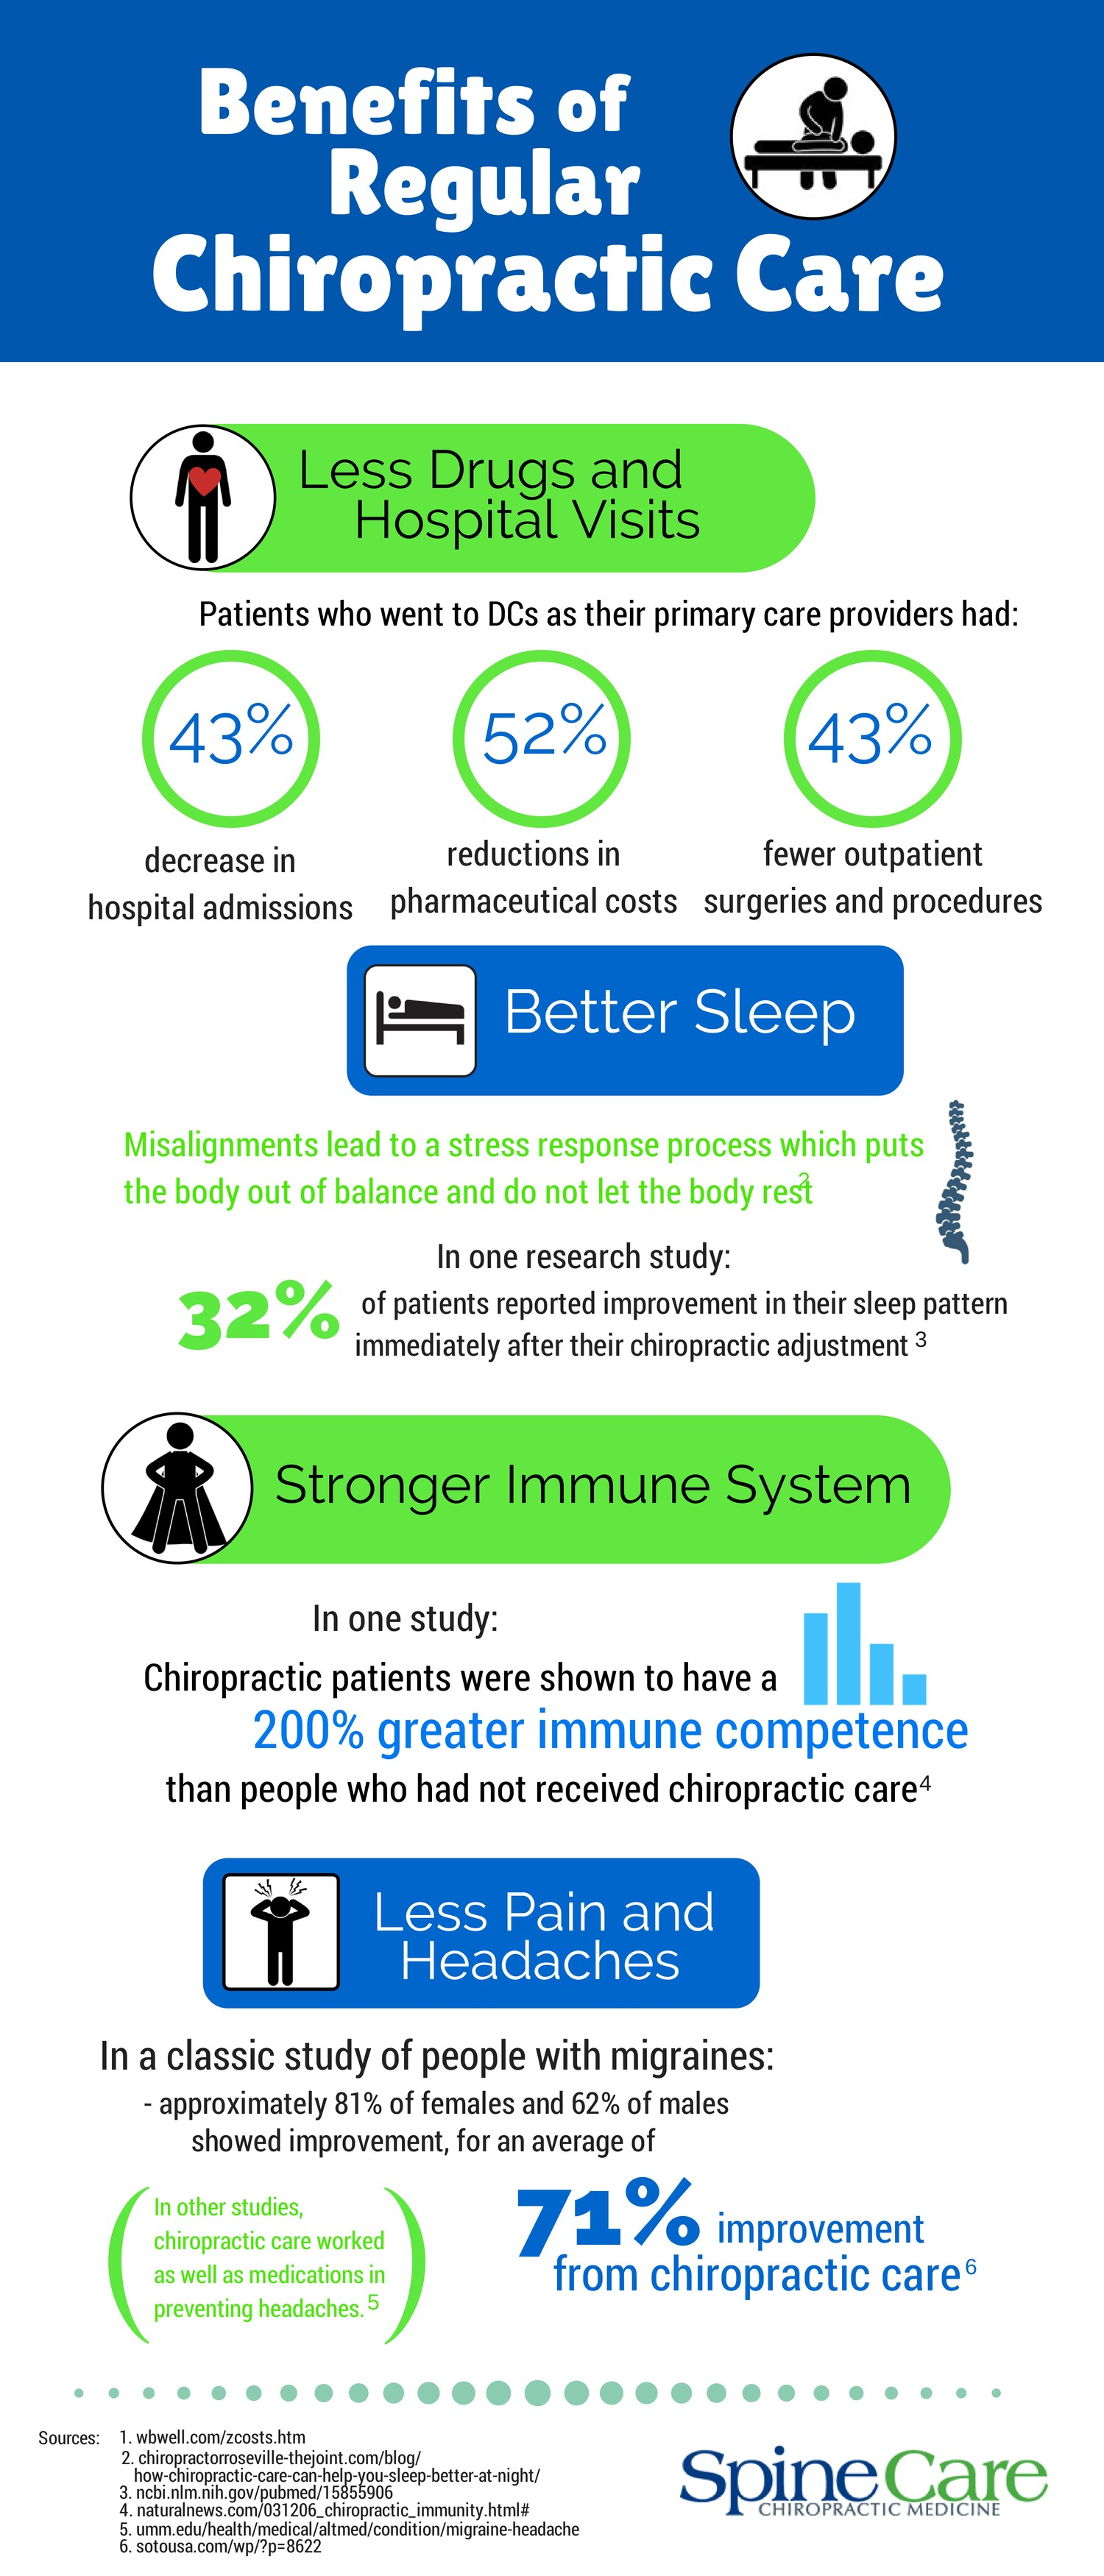 Benefits of regular Chiropractic Care